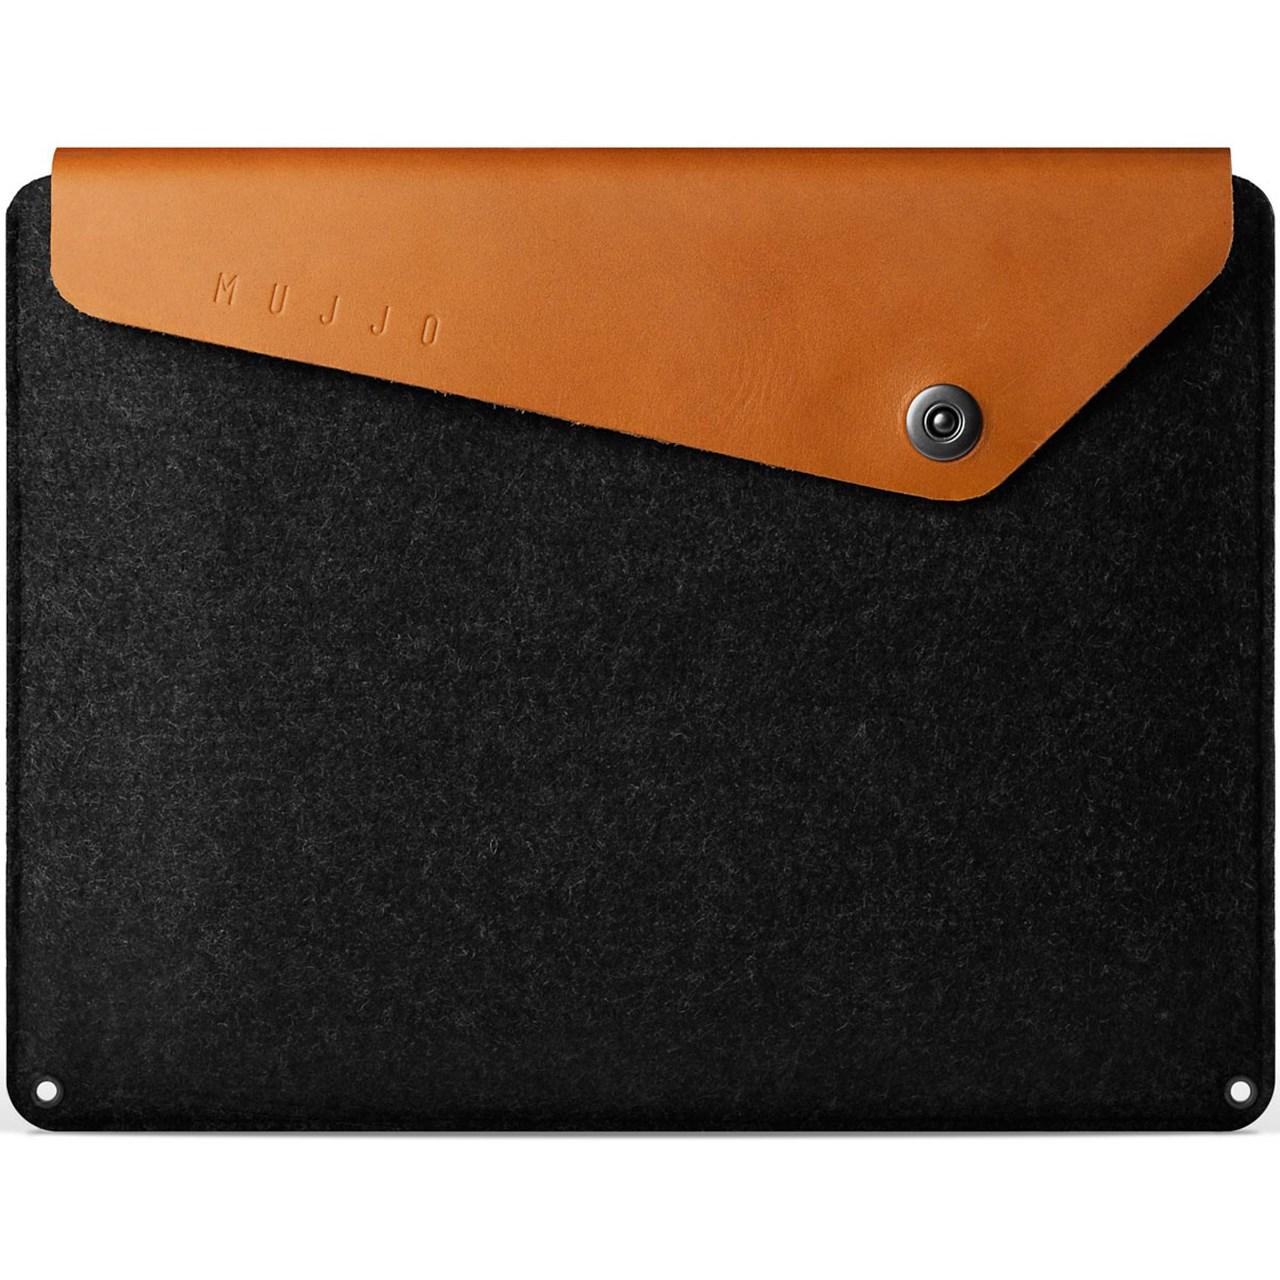 کاور موجو مدل Sleeve مناسب برای مک بوک پرو 15 اینچی